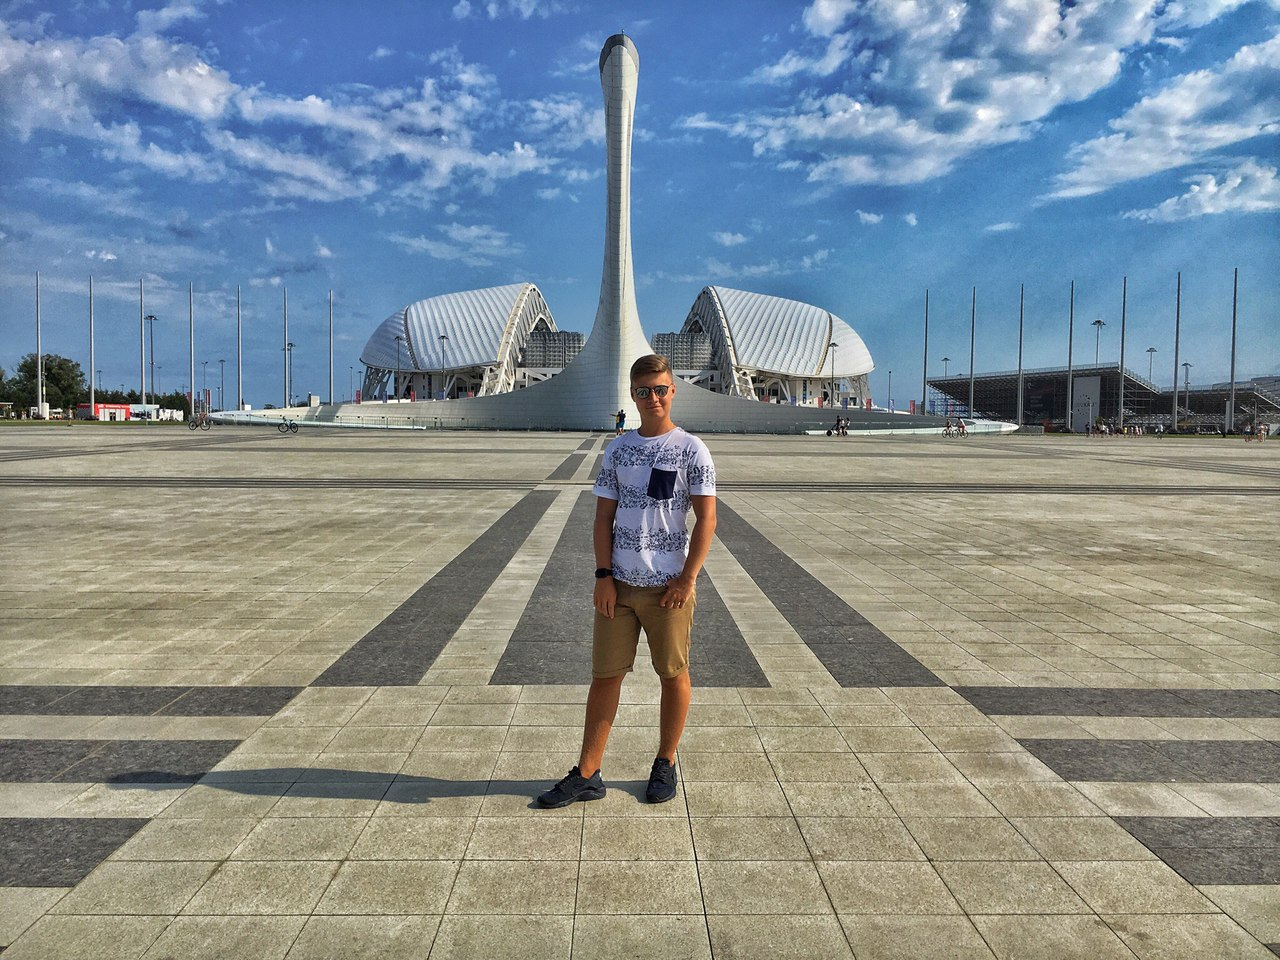 Николай Хорошилов, Москва - фото №1